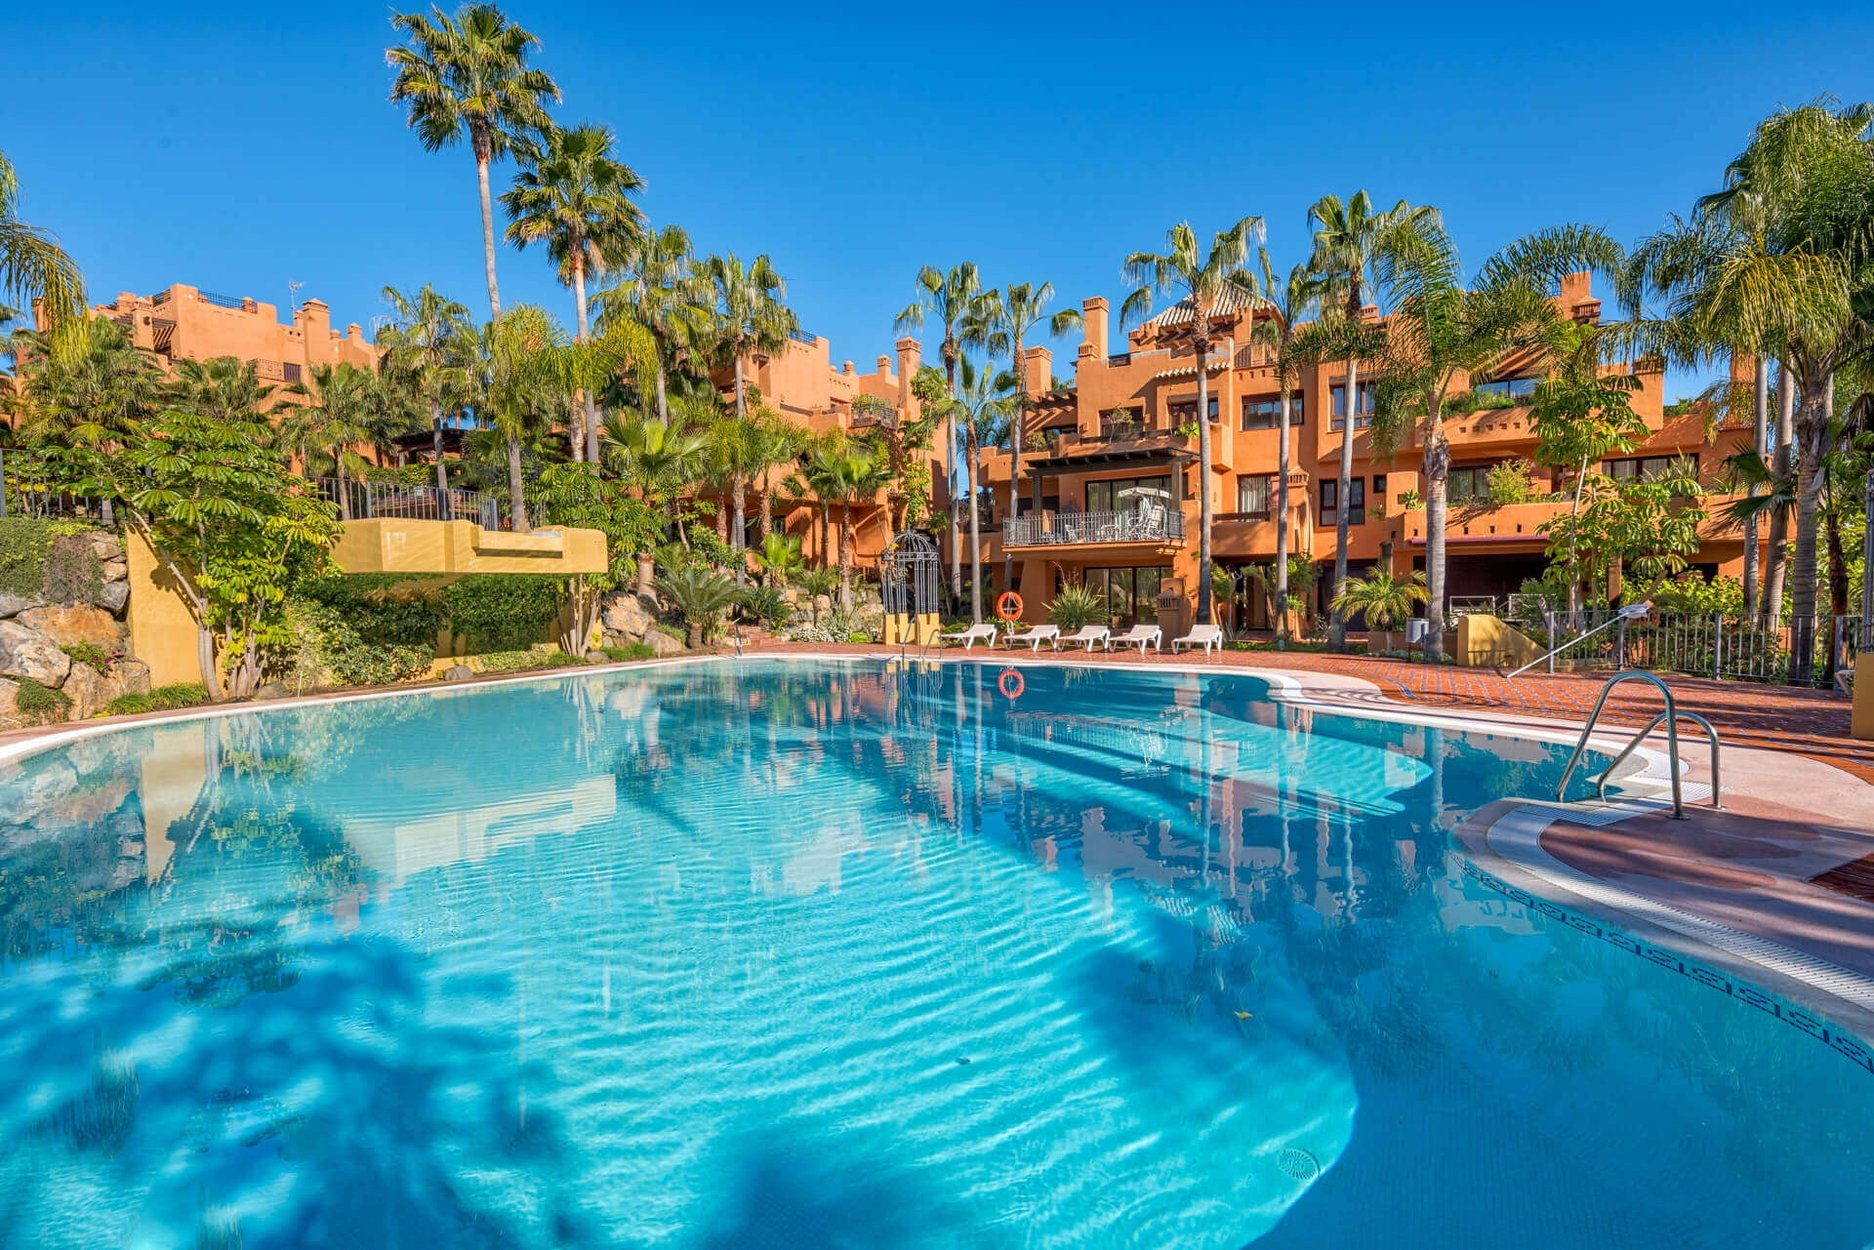 aaa3 Комнатная Квартира в Nueva Andalucia, Marbella | M159004